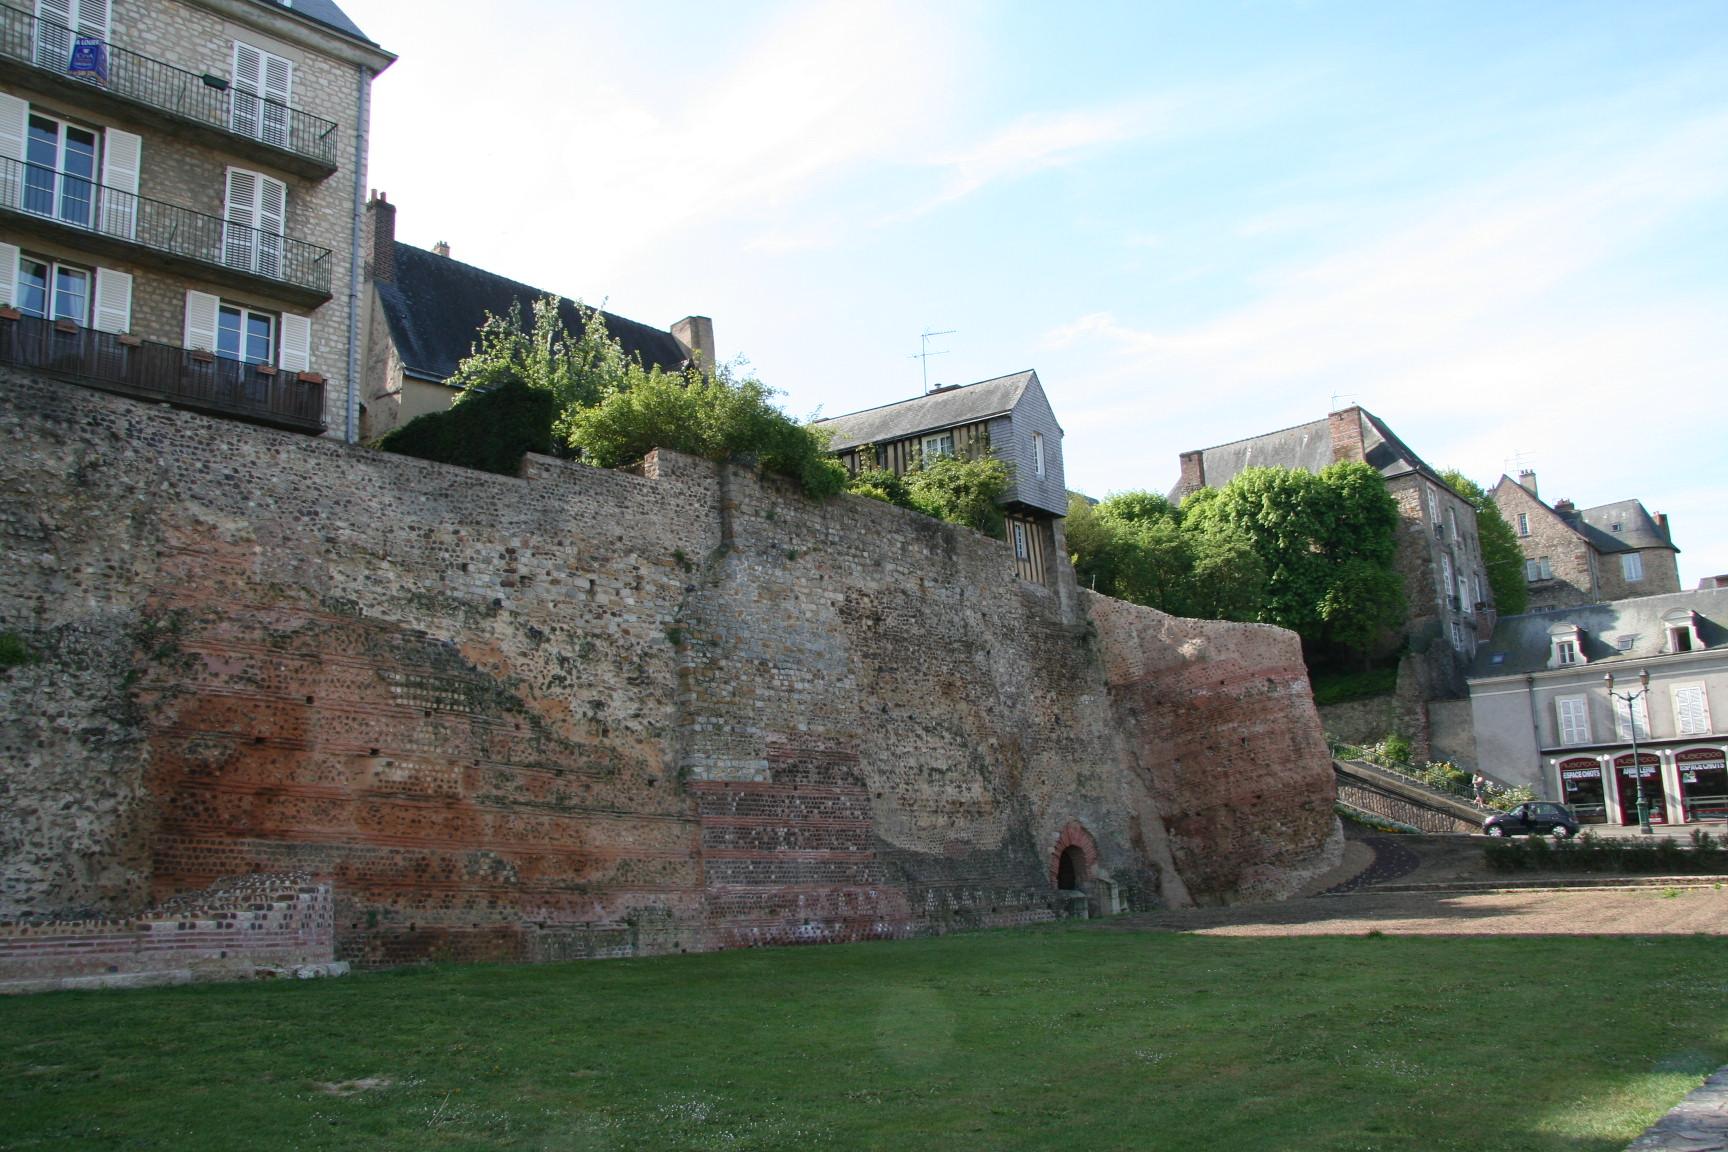 Le Vieux Mans en 2010 - L'enceinte romaine - Muraille 04 - Rue Denfert Rochereau - Tour de Hueau et Tour du tunnel (Sylvie Leveau)